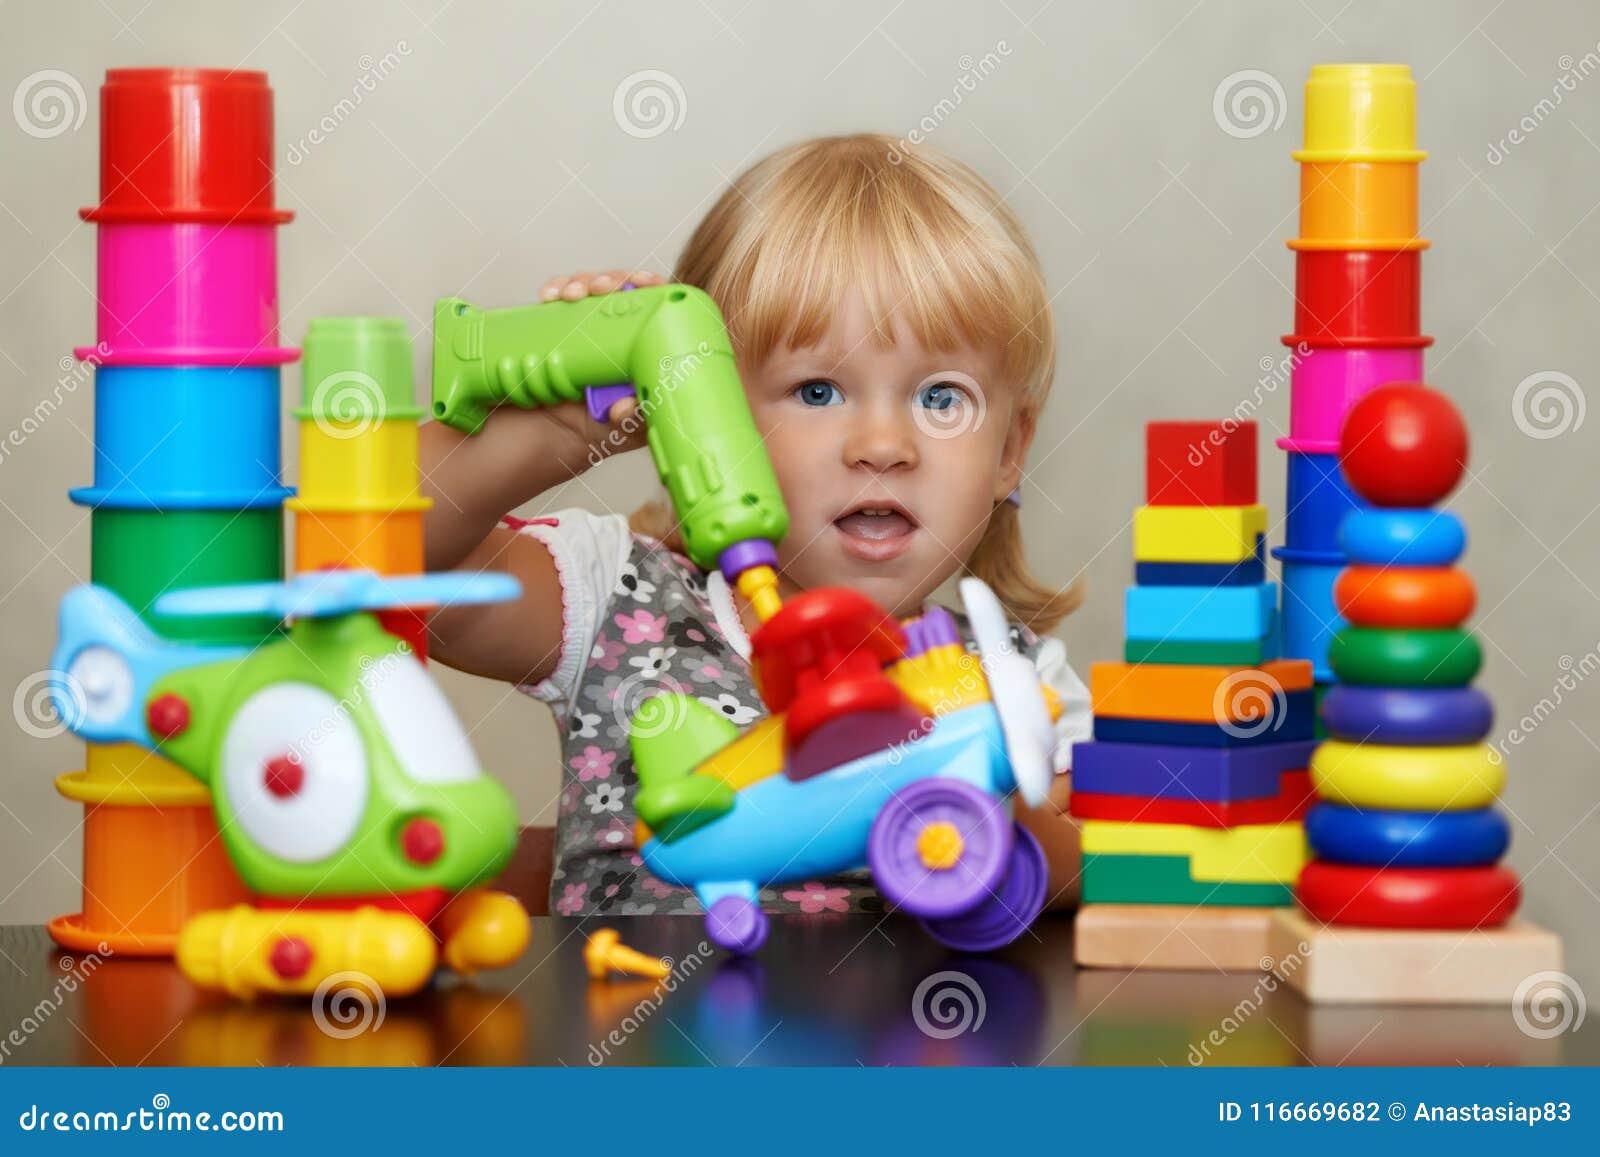 Niewidziana rzeczywistość magiczny kolorowy świat zabawki